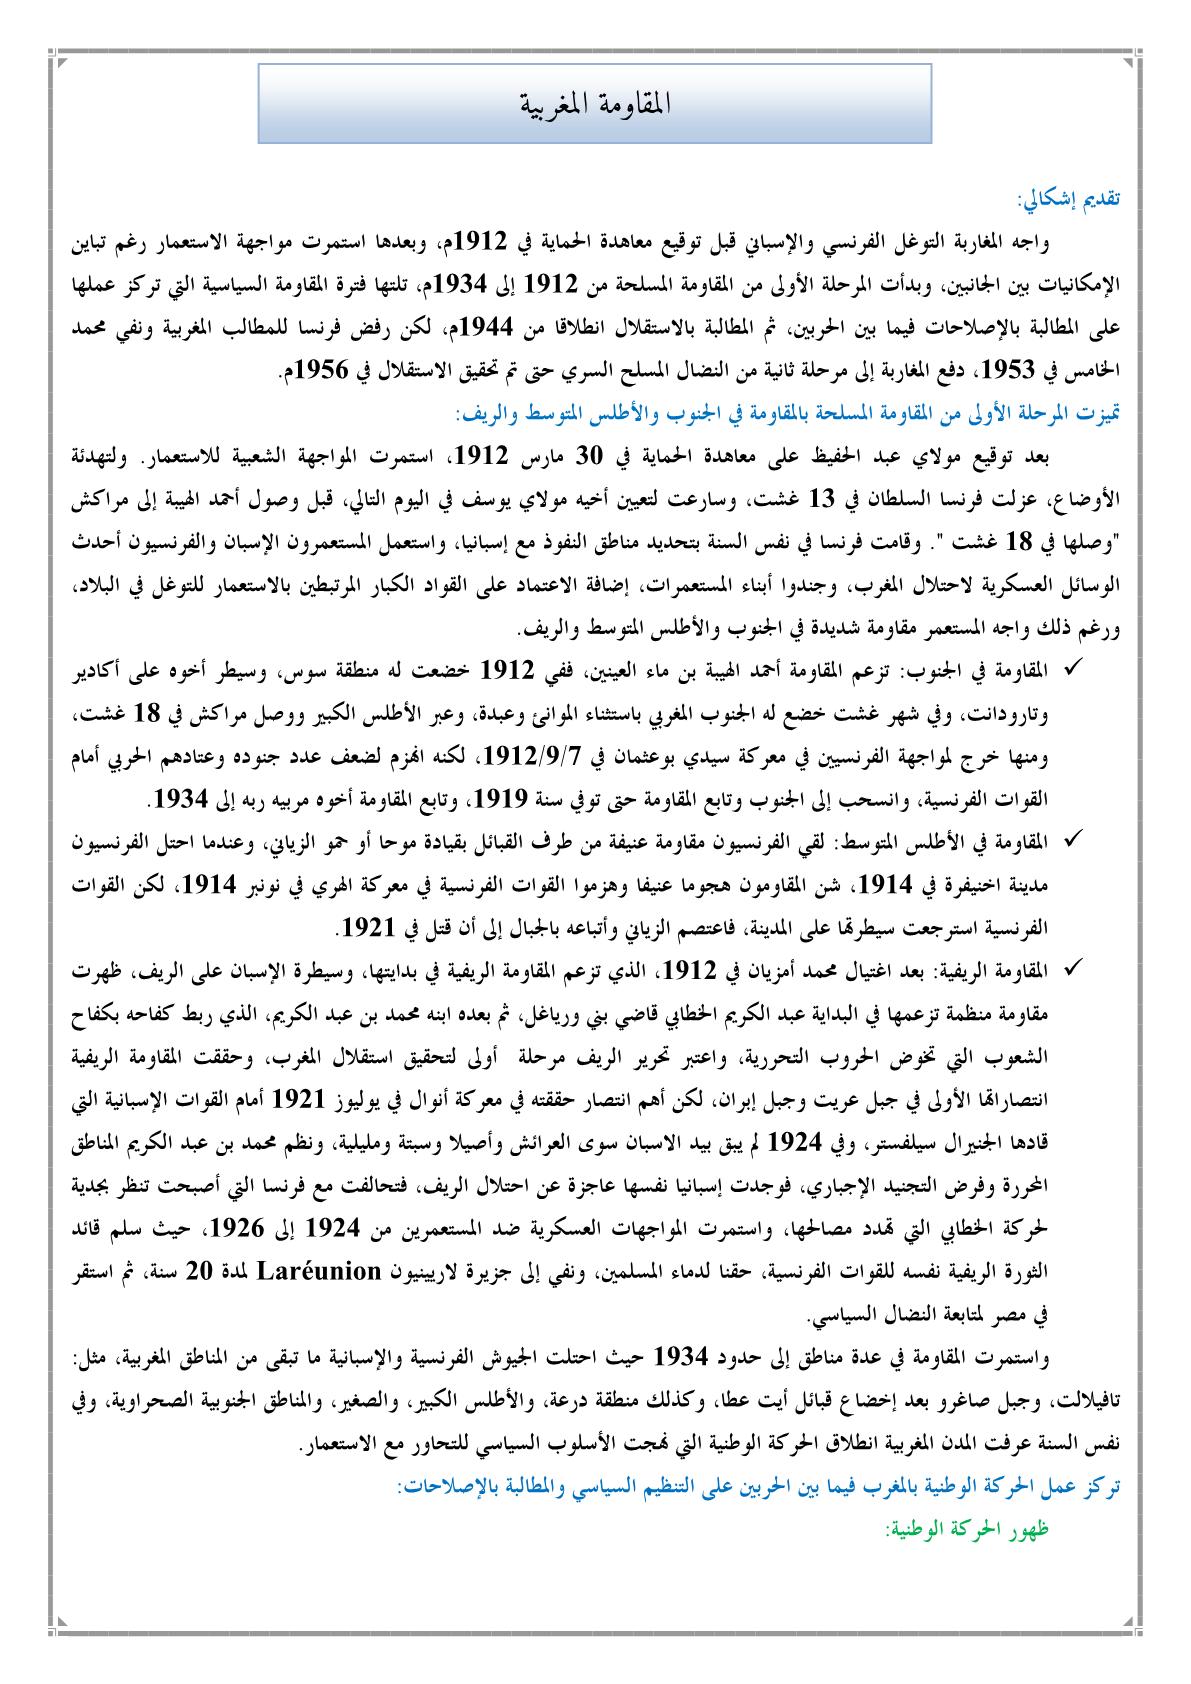 ملف حول المقاومة المغربية